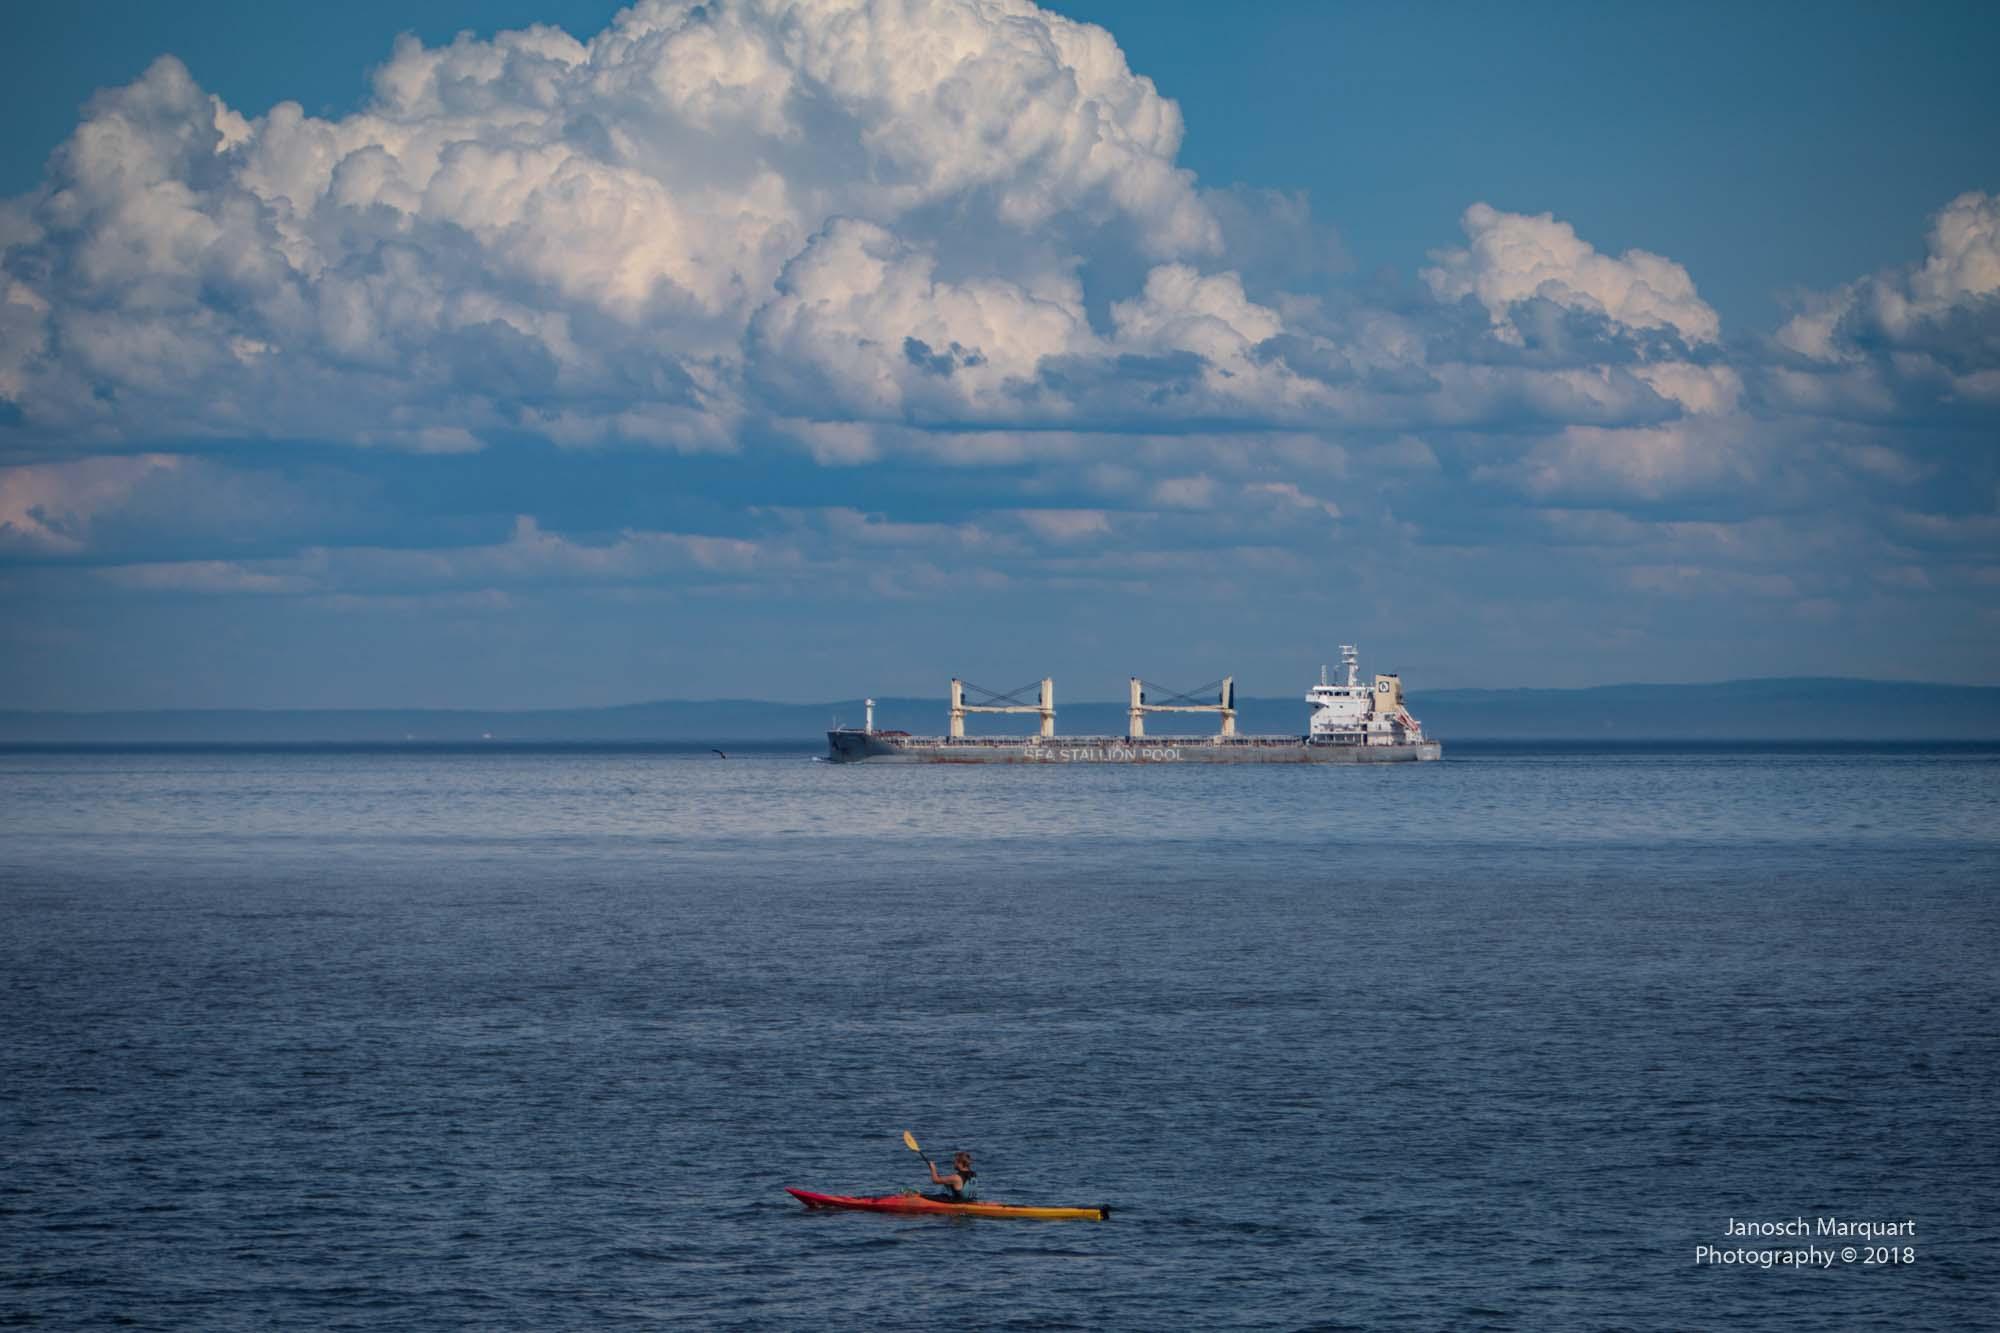 Foto eines Supertankers und eines Kajaks auf dem St. Lorenzstrom